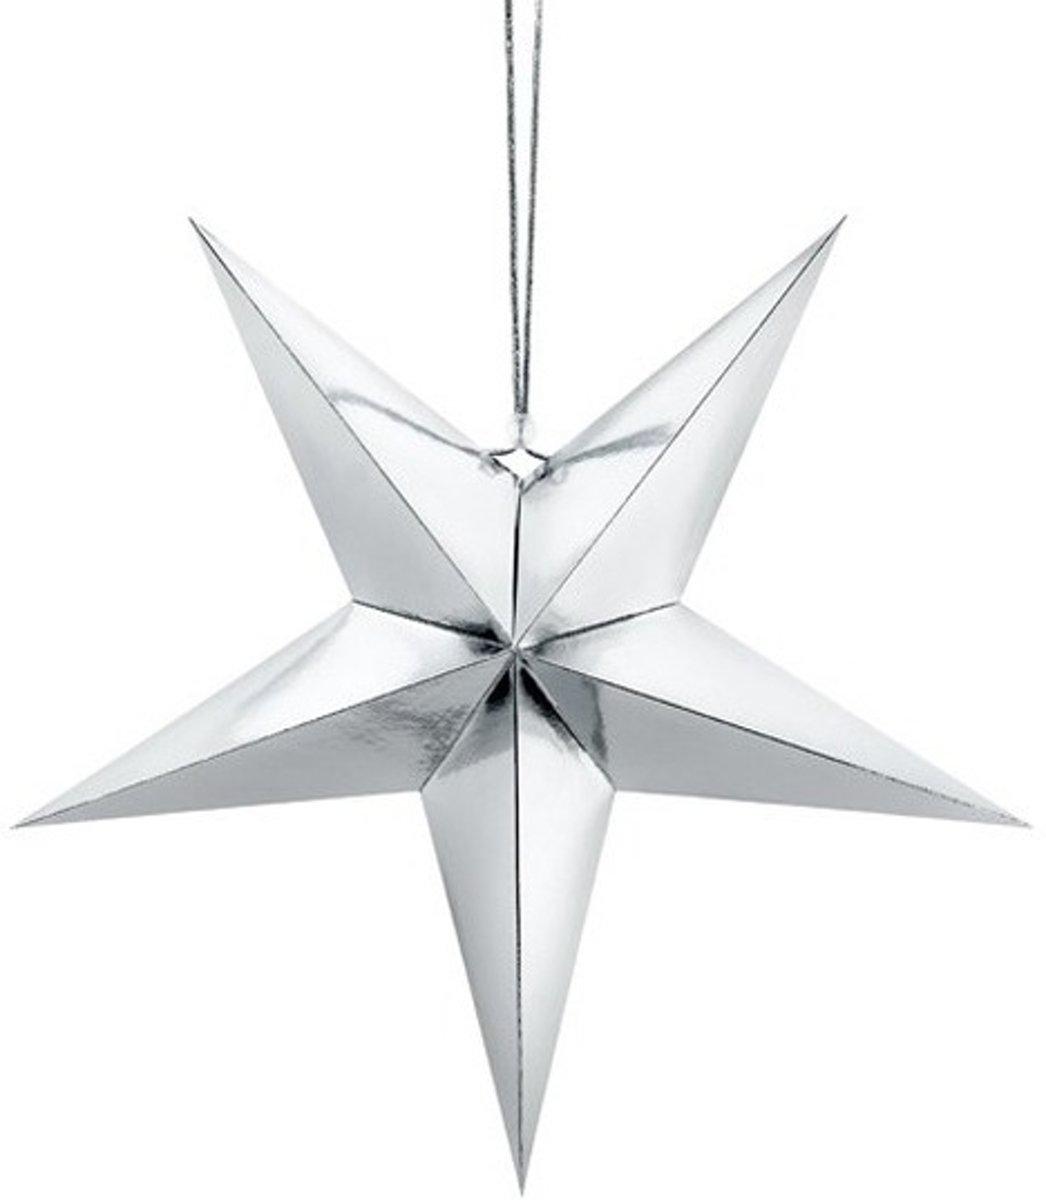 Zilveren ster 45 cm Kerst decoratie/versiering kopen